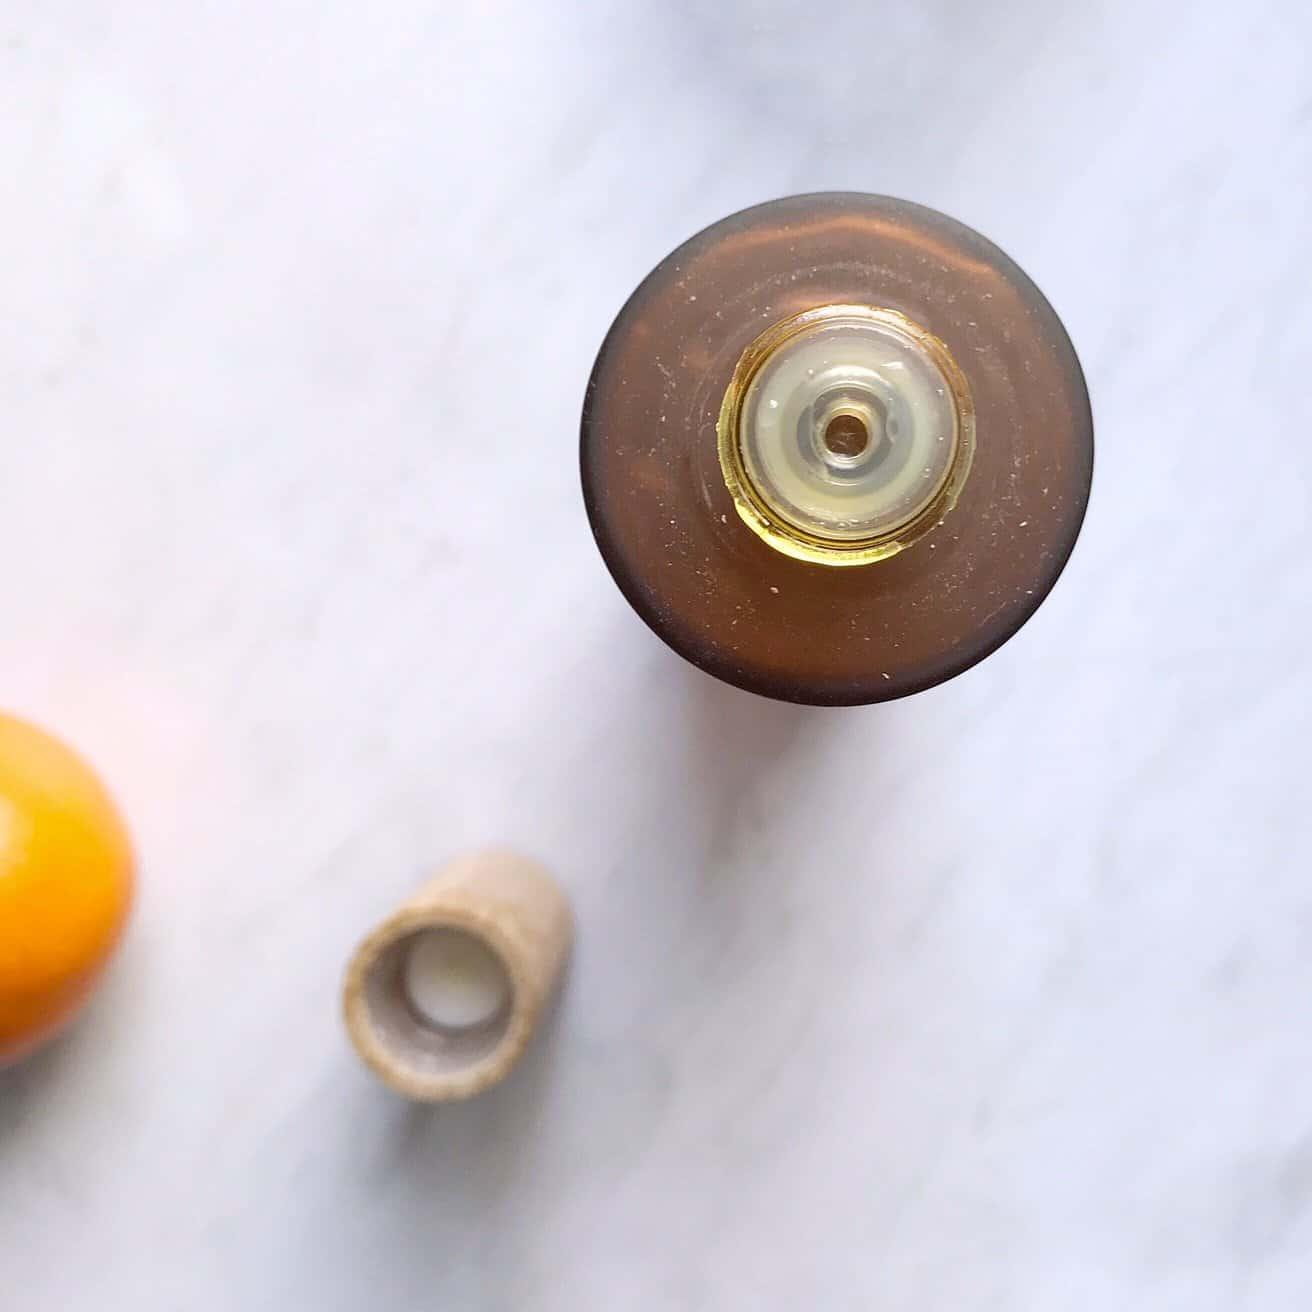 TanOrganic Self Tan Oil Bottle